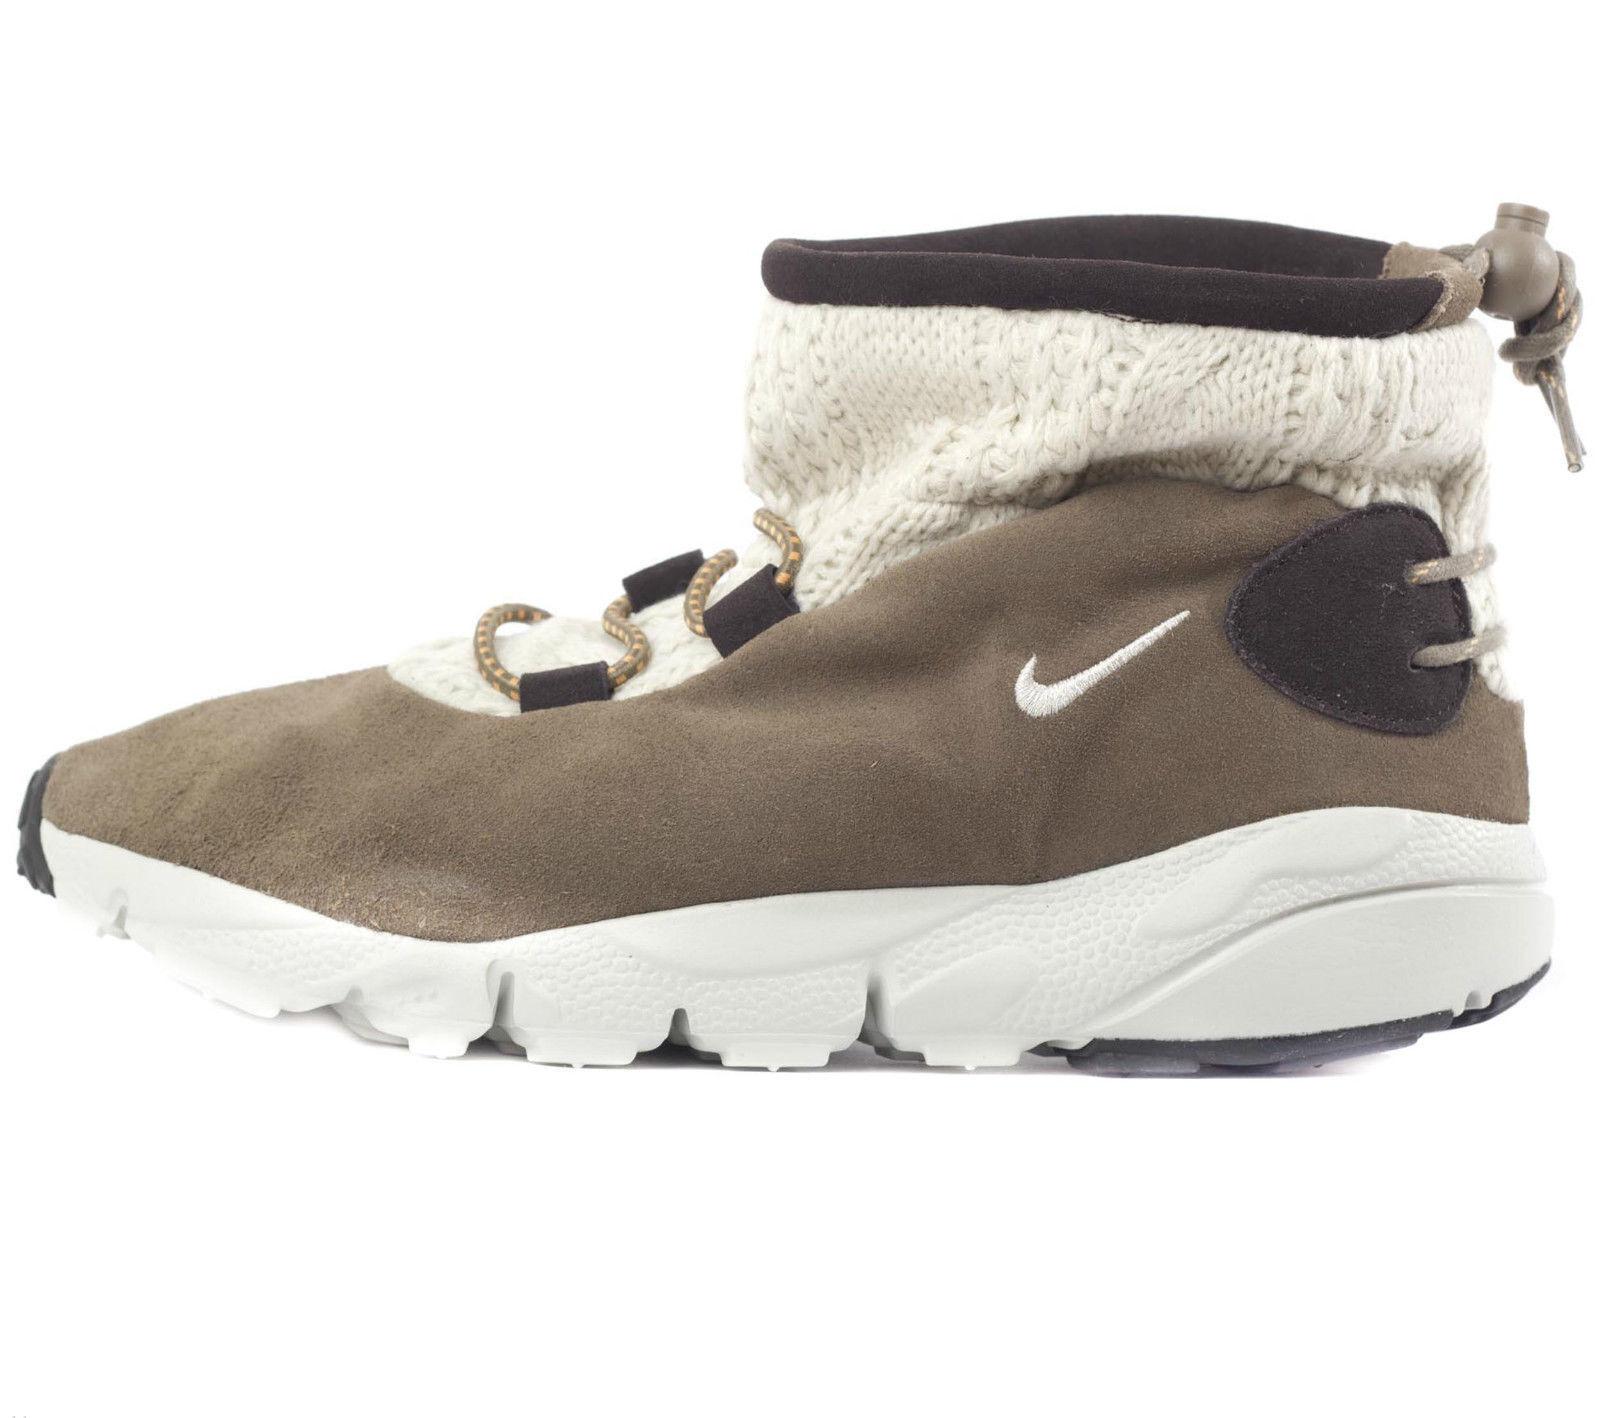 Nike Top Mujeres Air al horno Mid Top Nike Zapatillas Informales Gamuza Textil botas de Color caqui 093a19